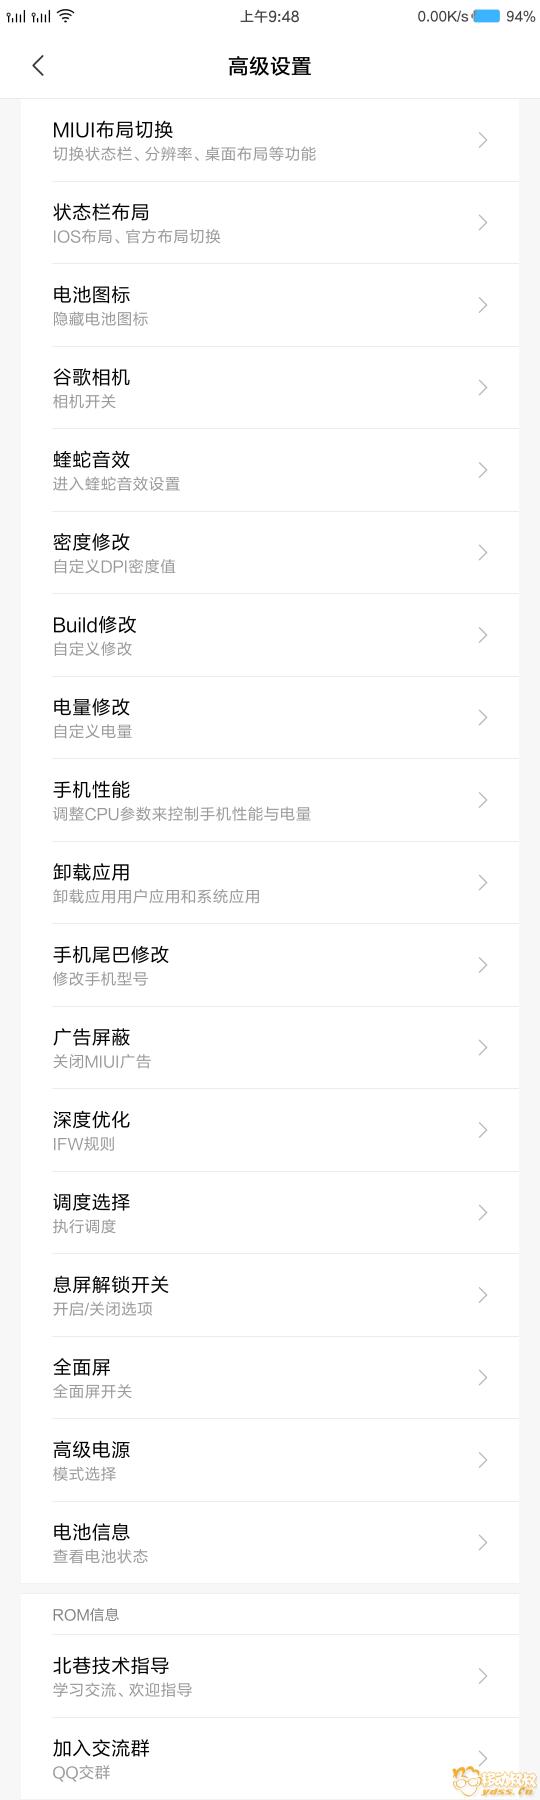 Screenshot_2018-10-01-09-48-19-487_com.makelove.settings.png